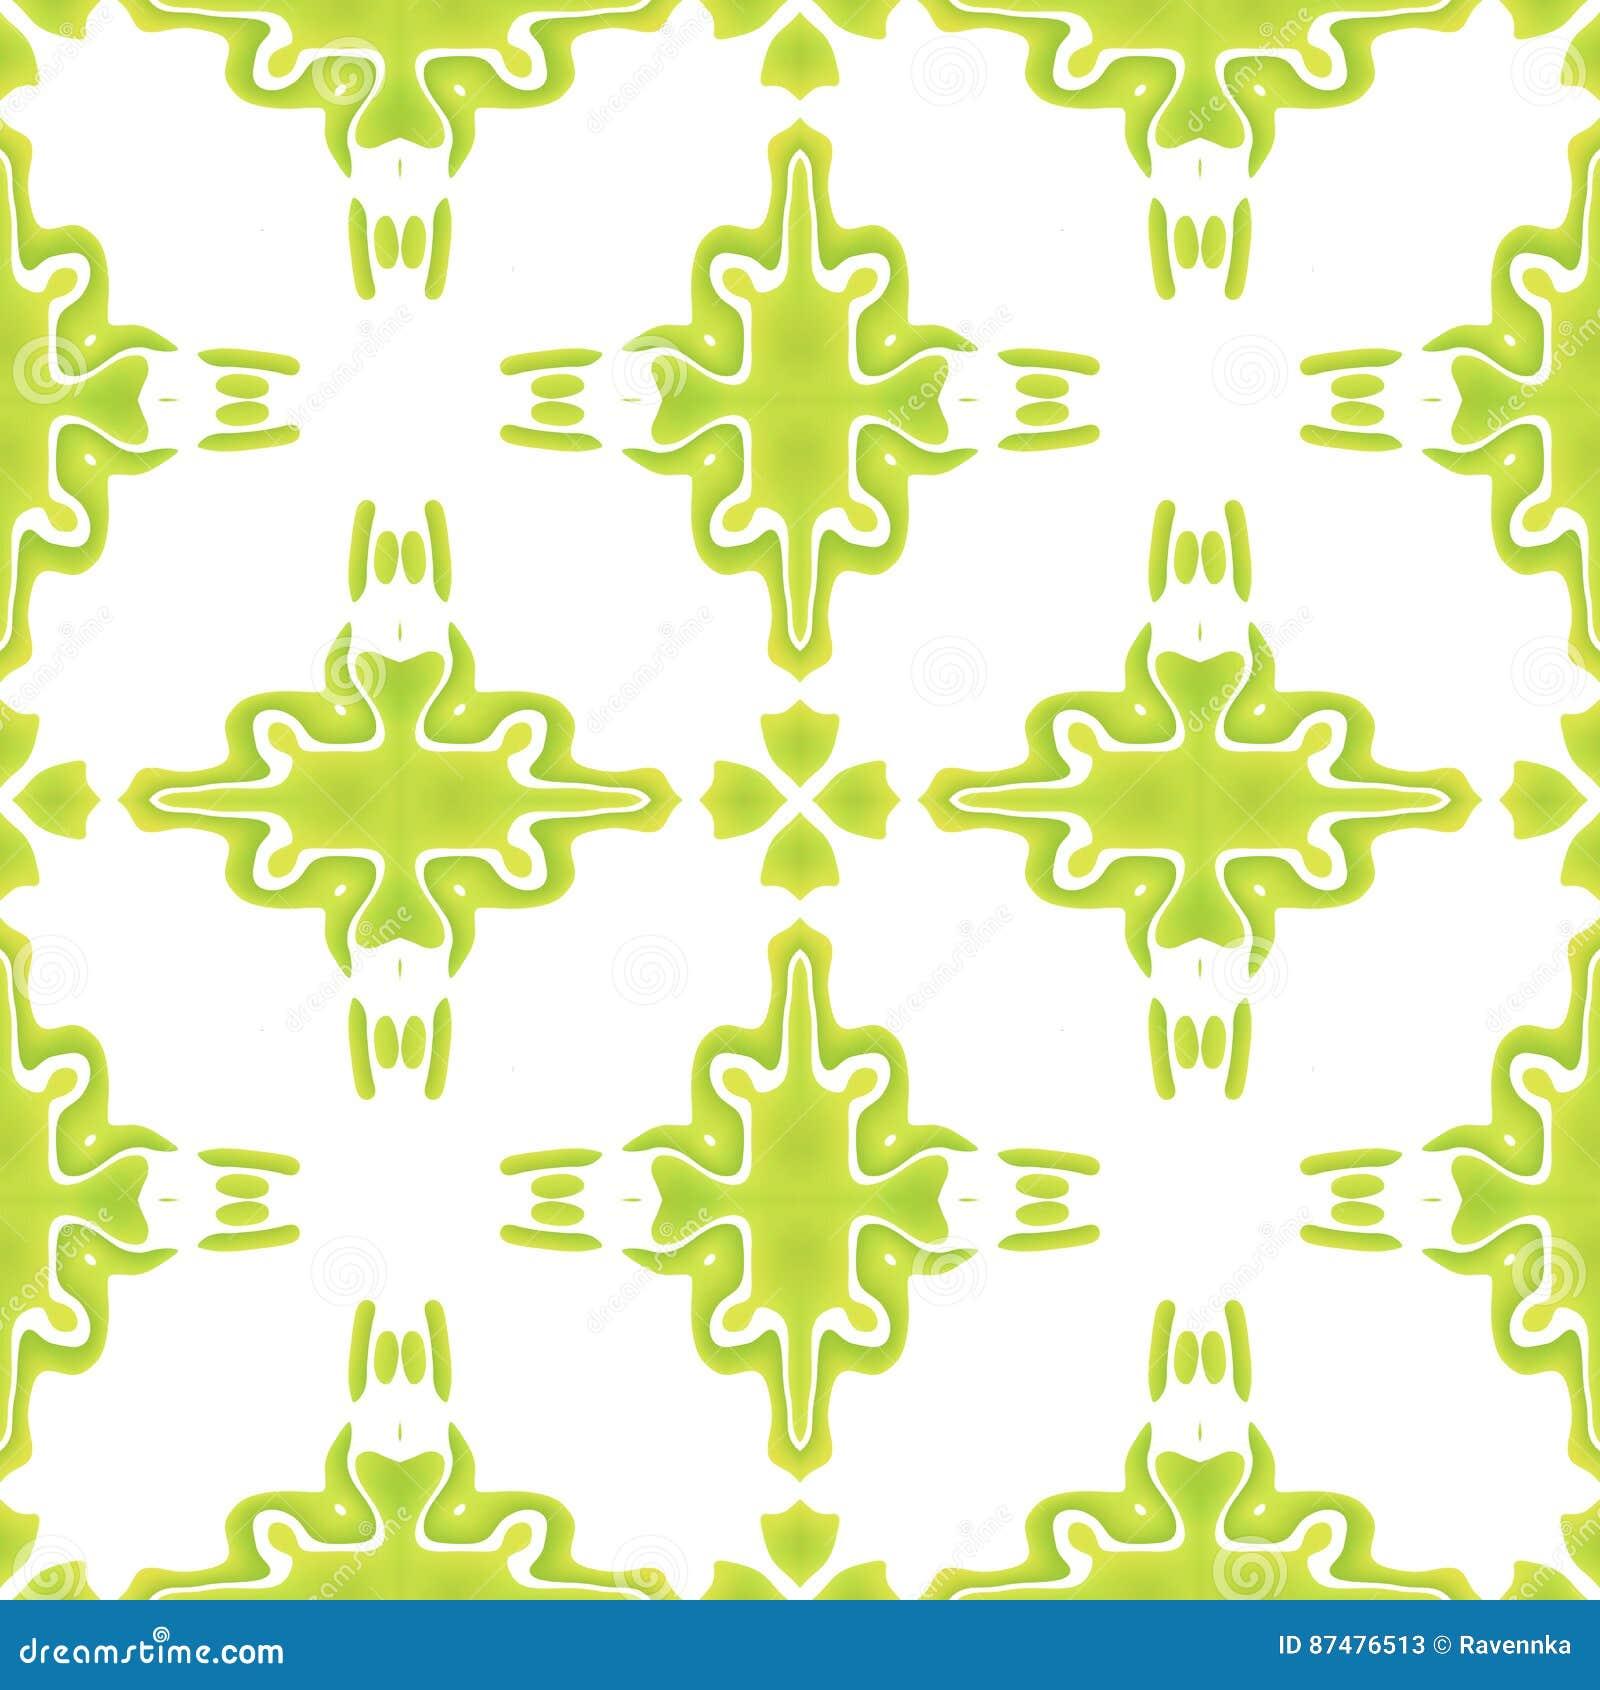 Яркая ая-зелен абстрактная безшовная картина